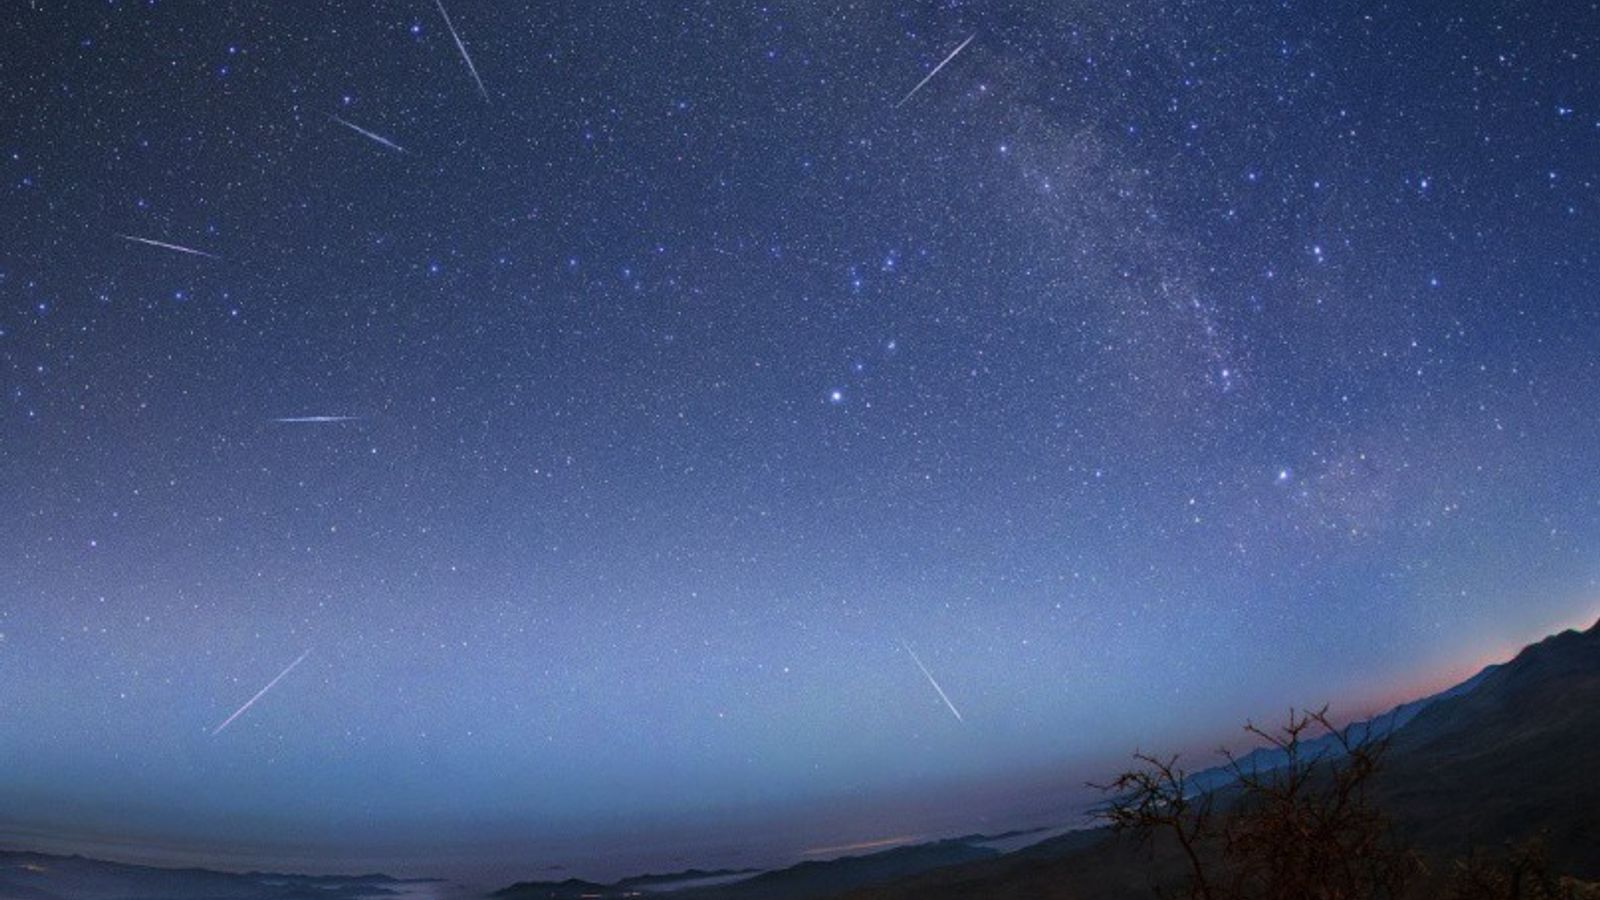 Les météorites des Êta aquarides transpercent le ciel du désert d'Atacama au Chili pendant la pluie ...